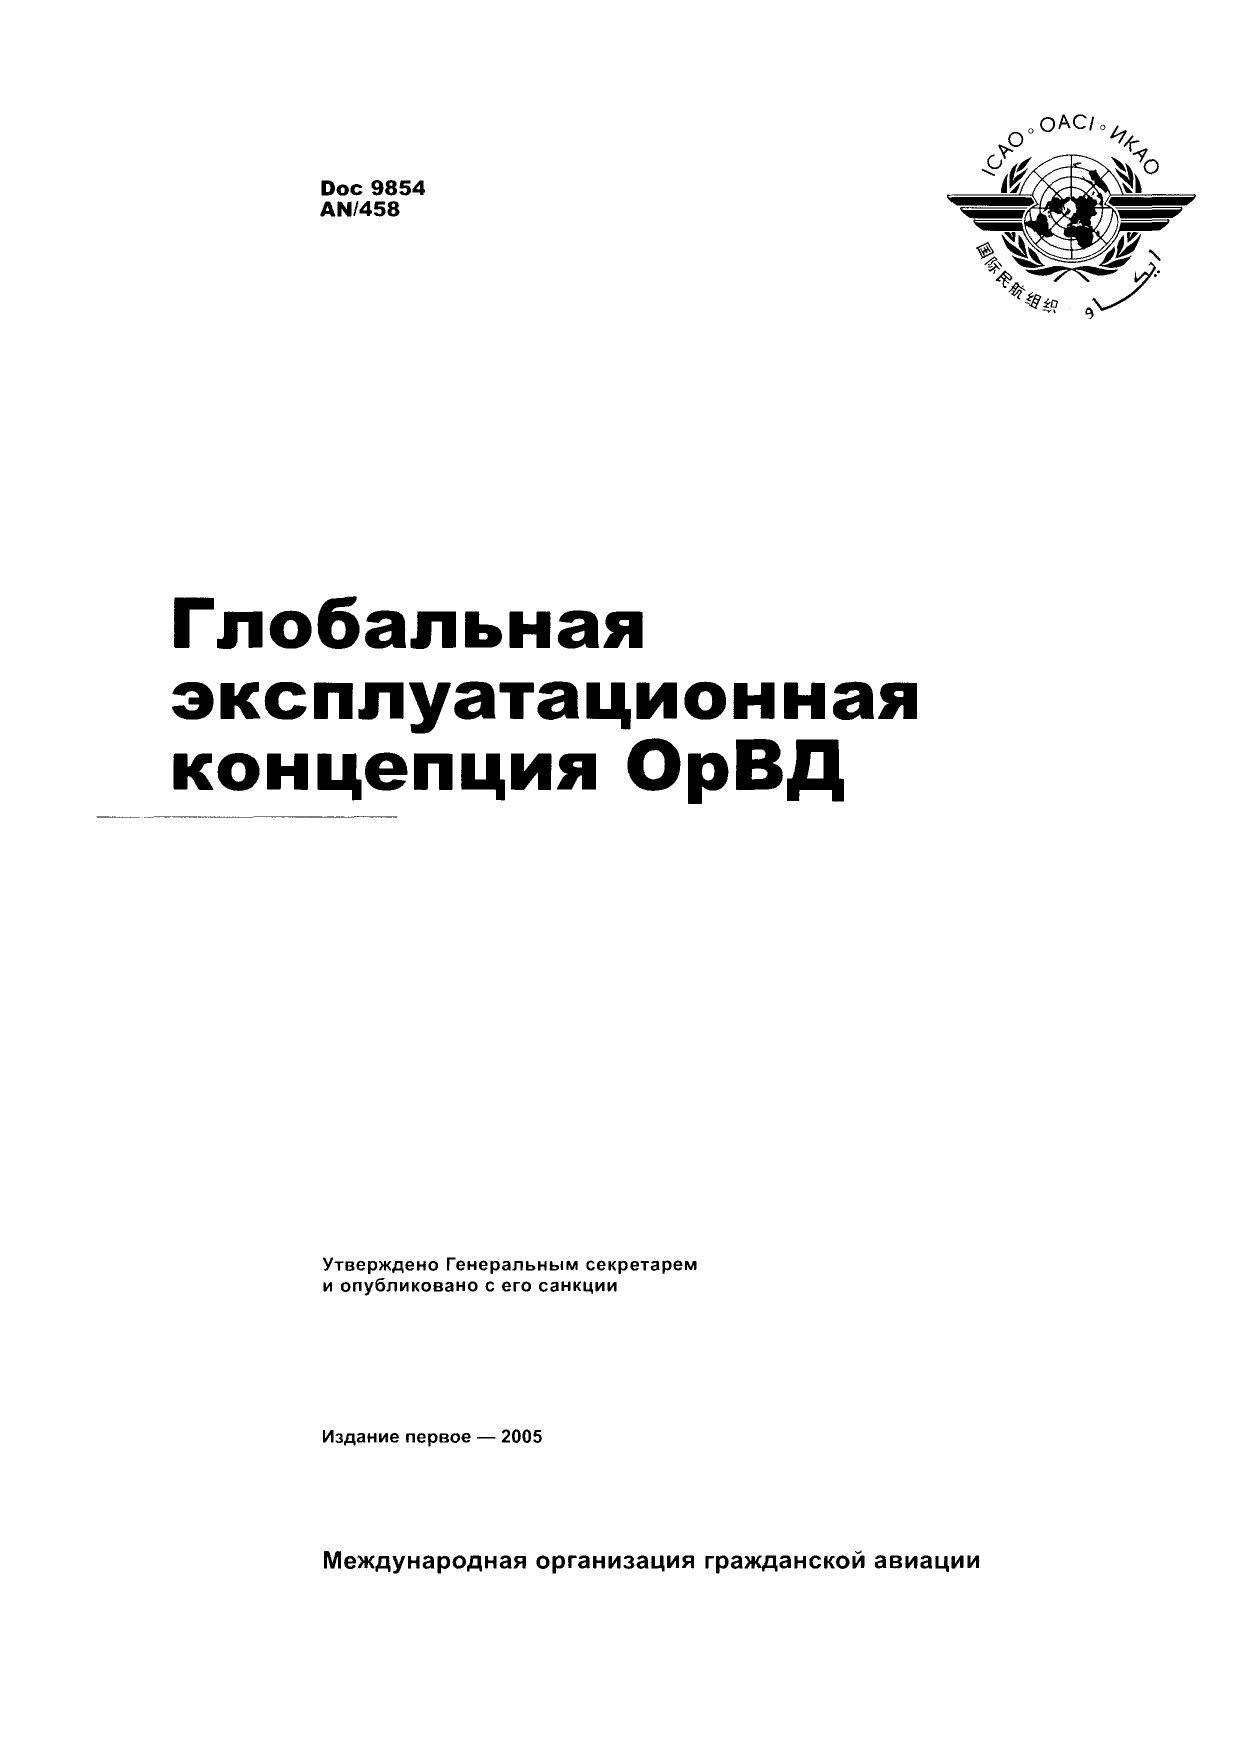 ICAO Doc 9854 Глобальная эксплуатационная концепция ОрВД